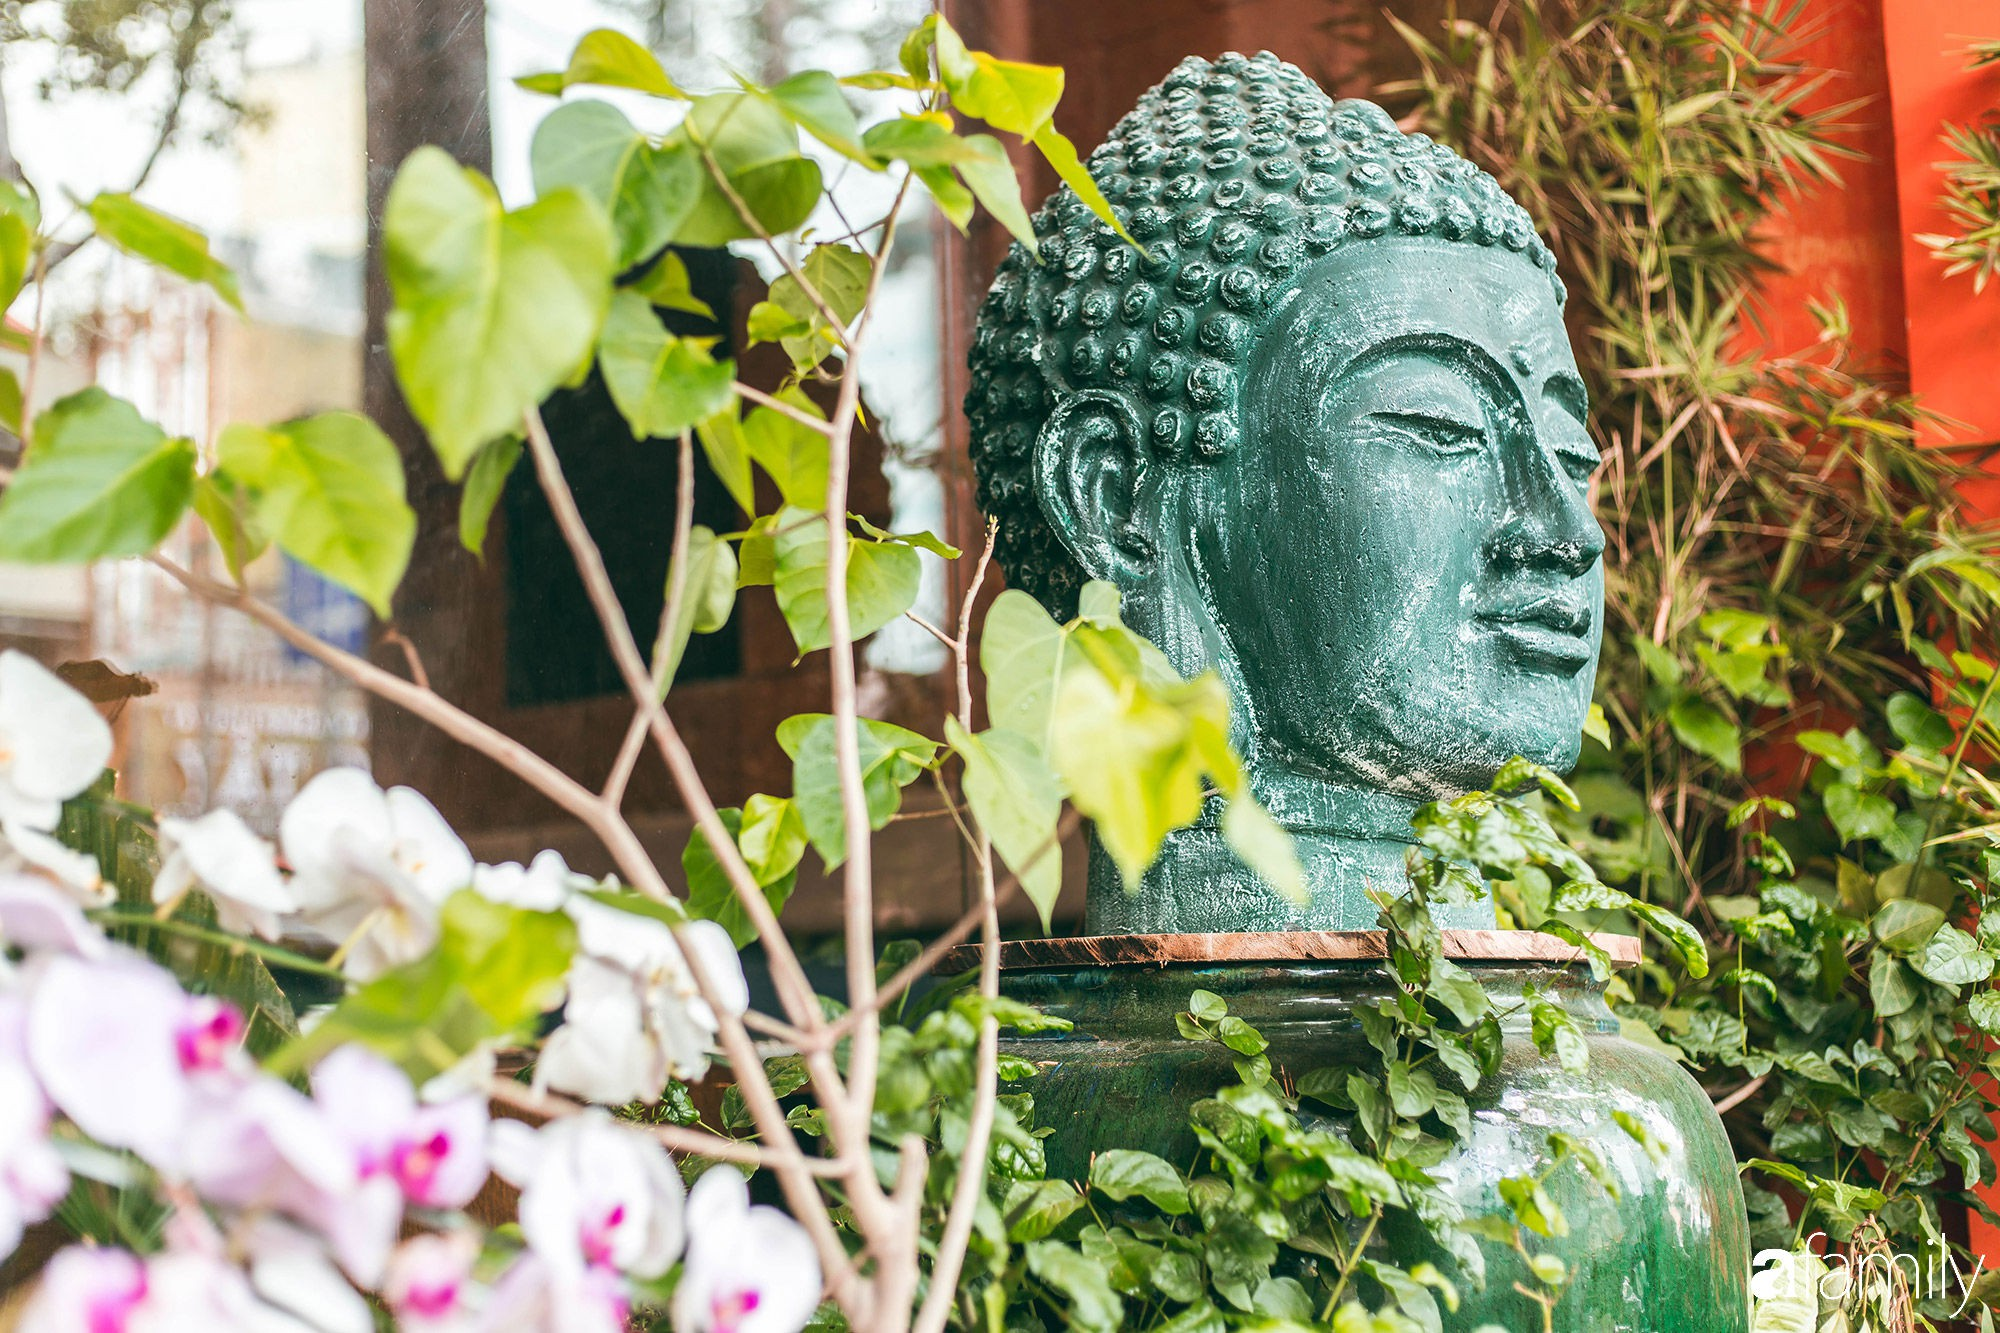 6 nhà hàng chay xinh đẹp và an nhiên nhất định phải đến trong mùa Vu Lan tại Hà Nội và Sài Gòn - Ảnh 25.